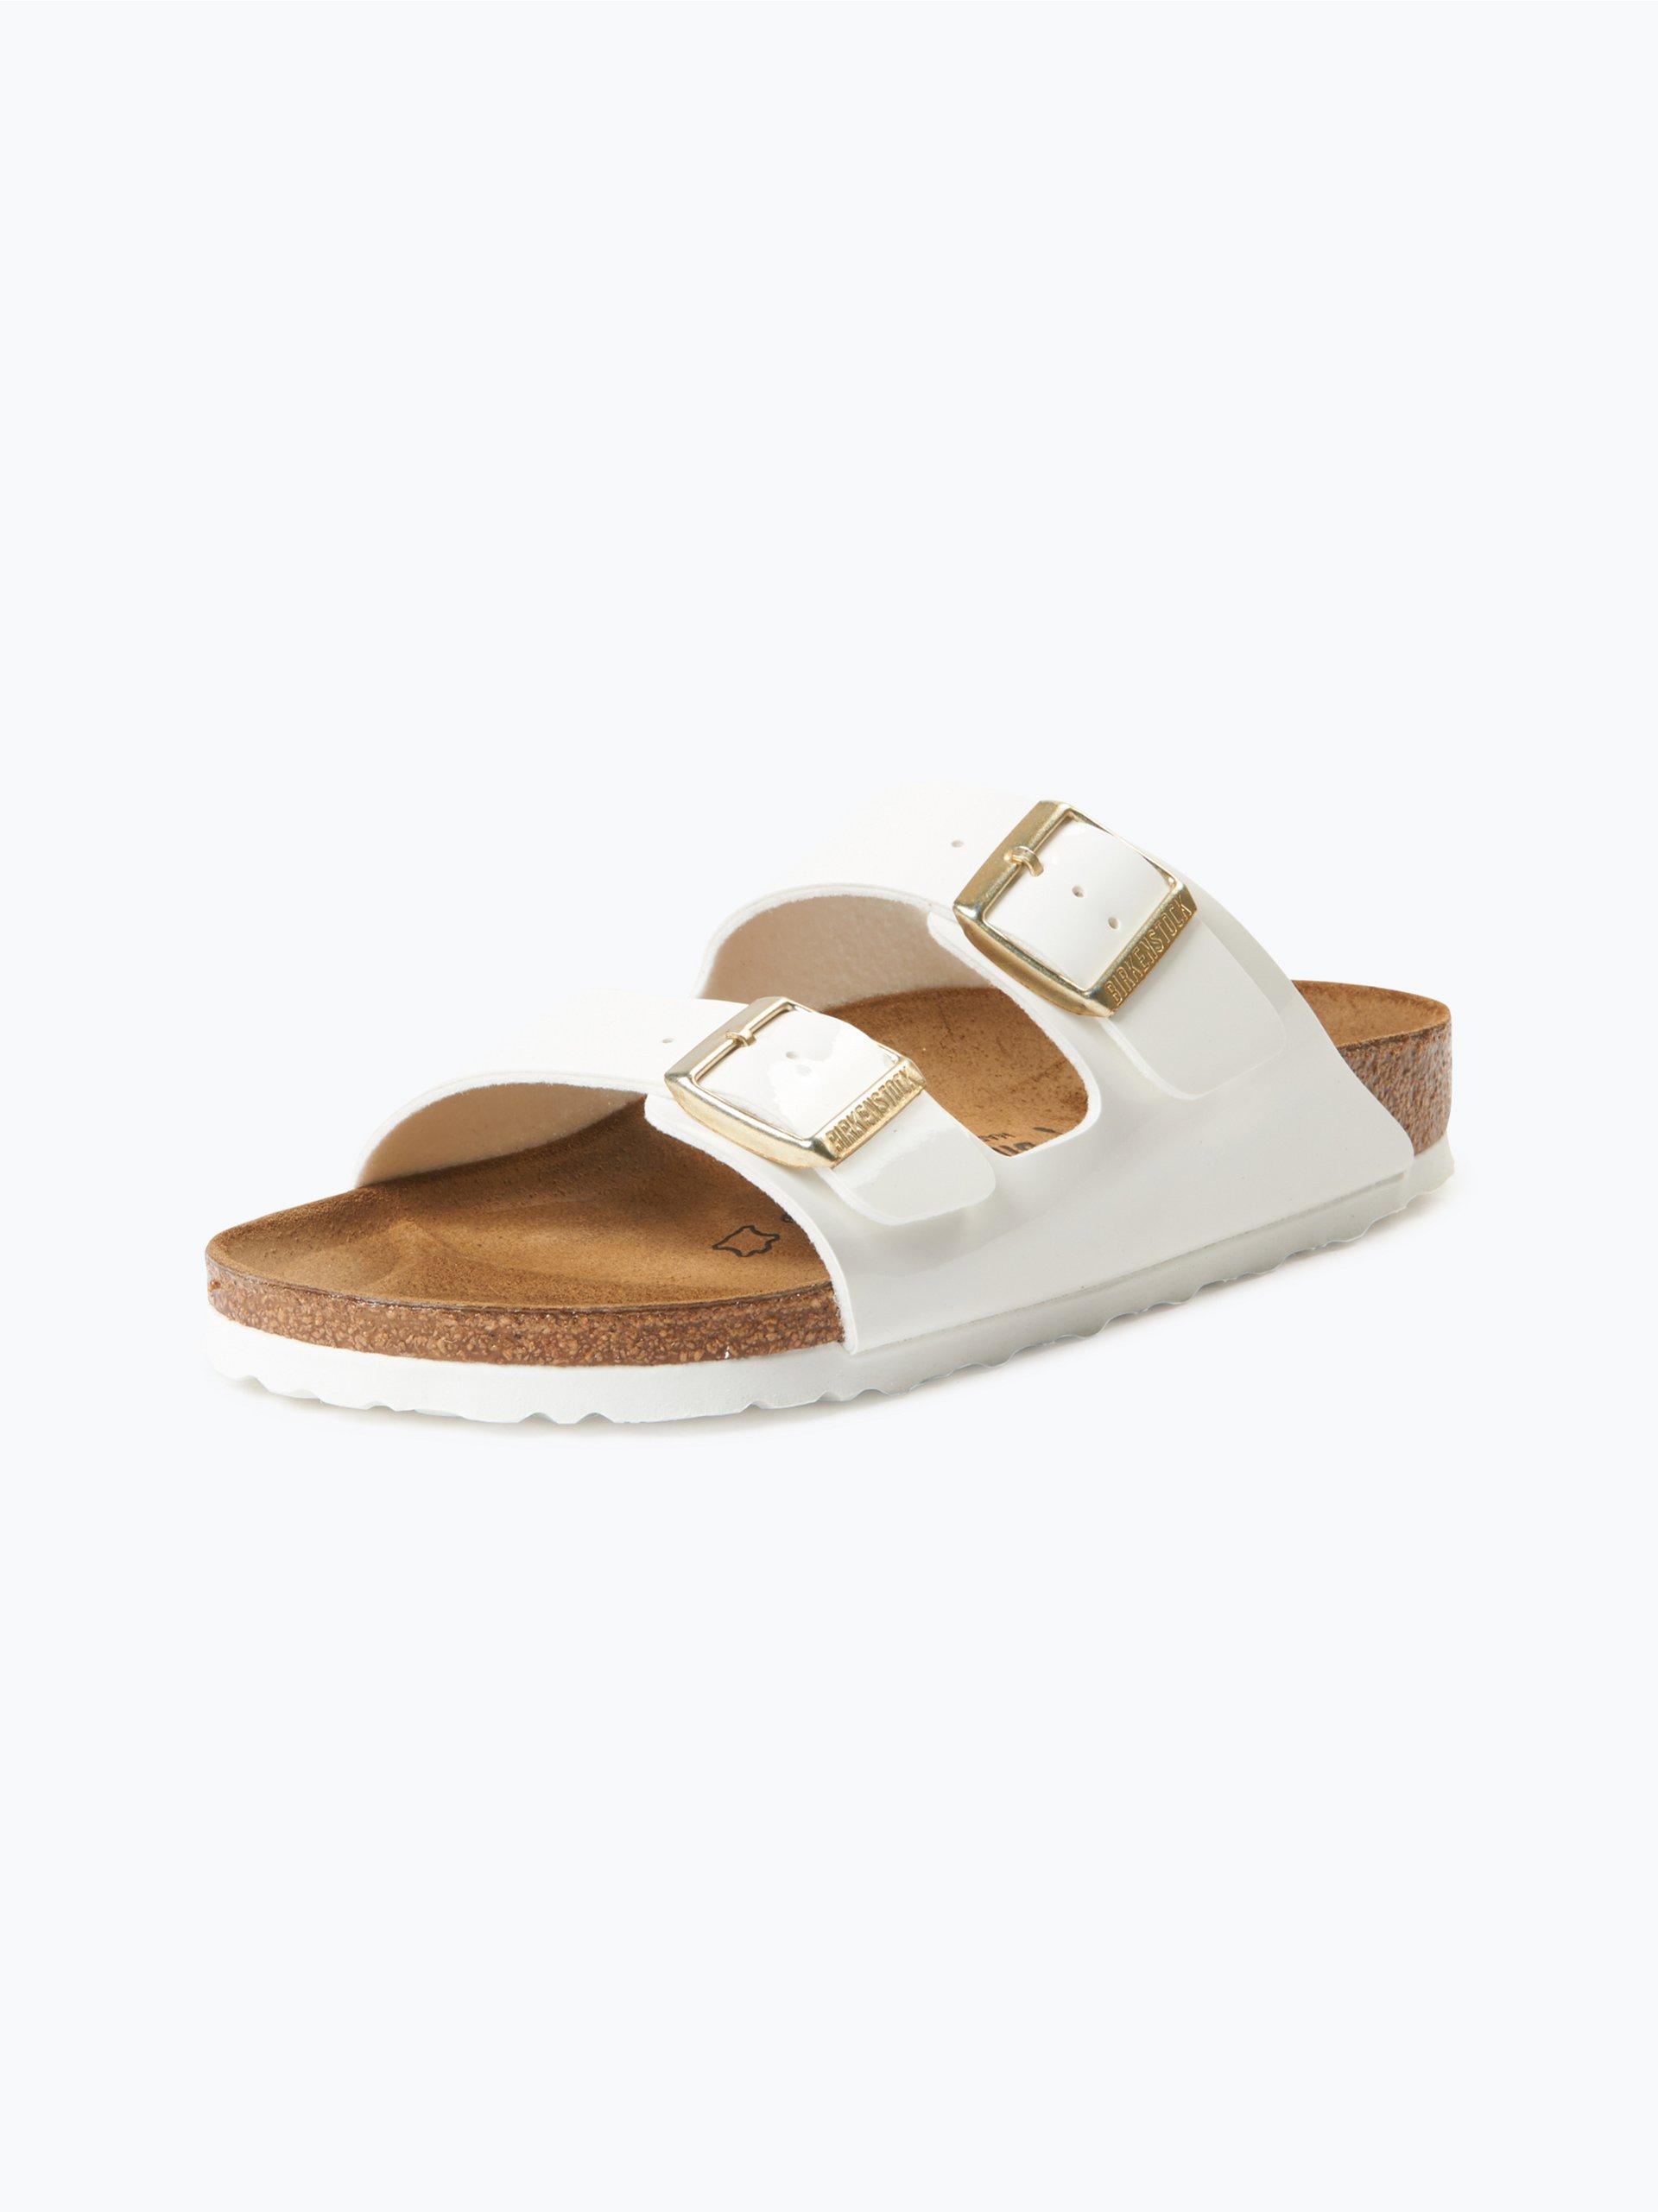 birkenstock damen sandalen mit leder anteil wei uni. Black Bedroom Furniture Sets. Home Design Ideas